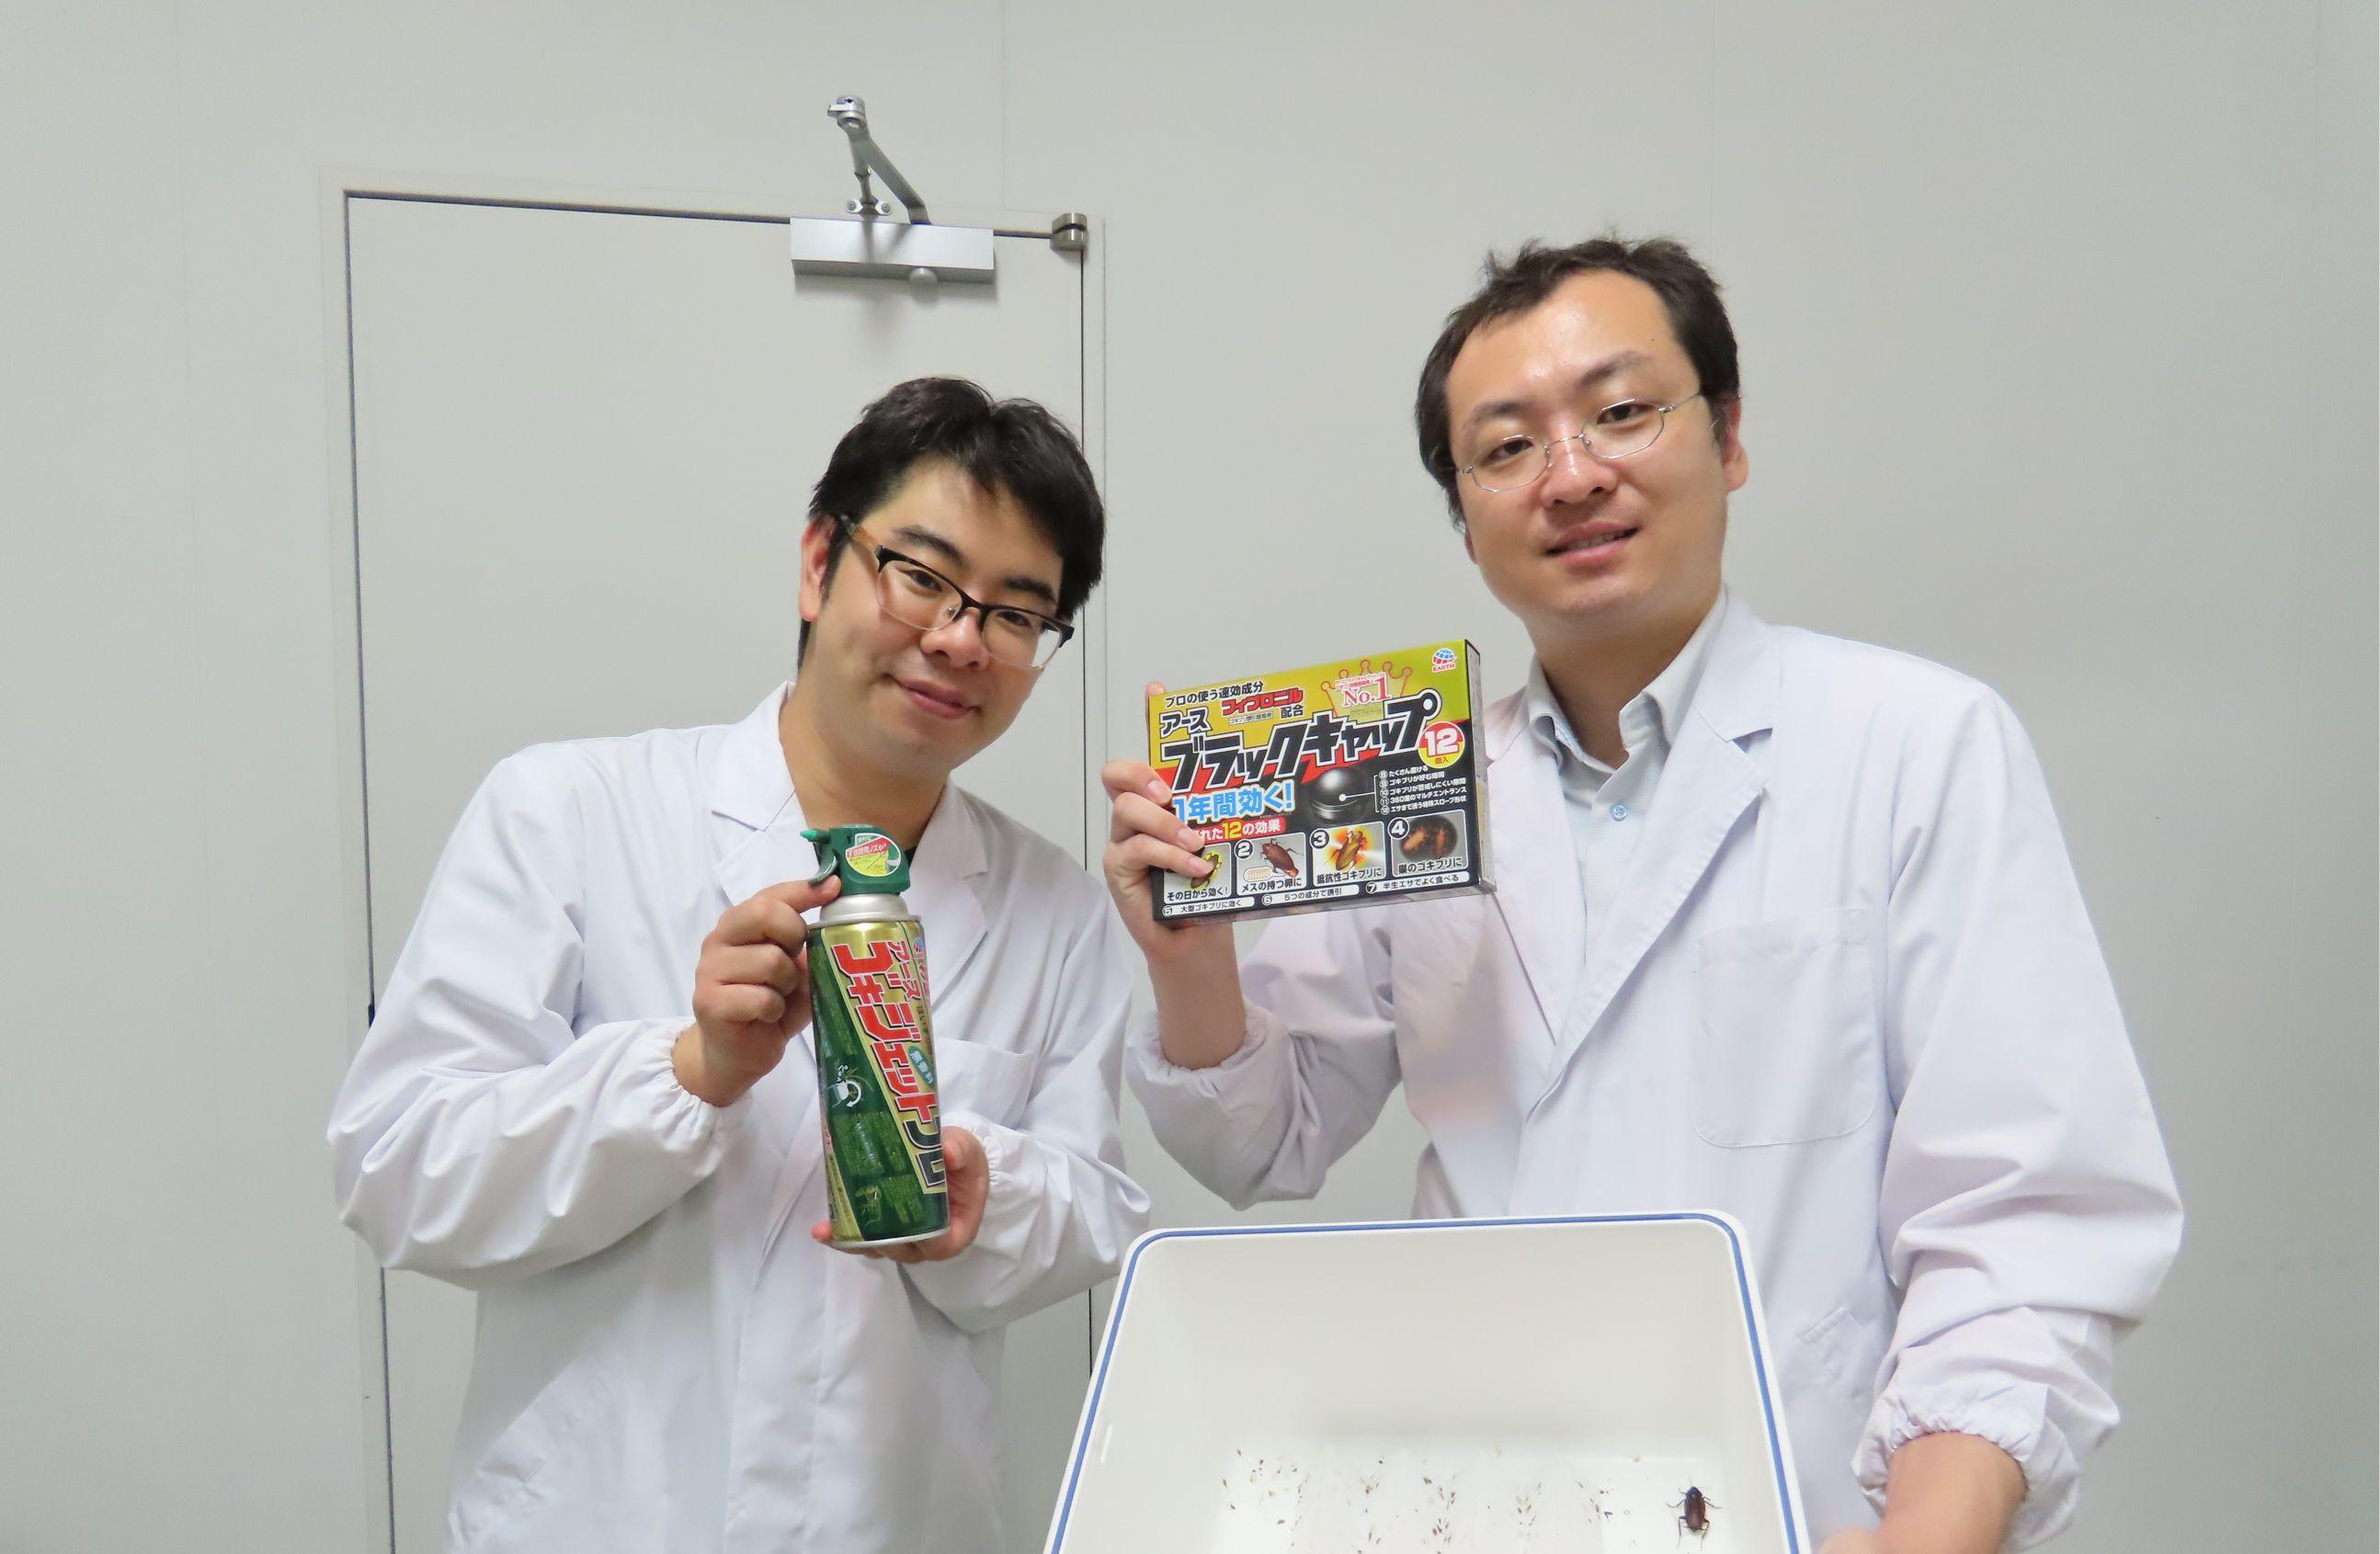 アース製薬の研究員の野村拓志さん(左)と浅井一秀さん(右)